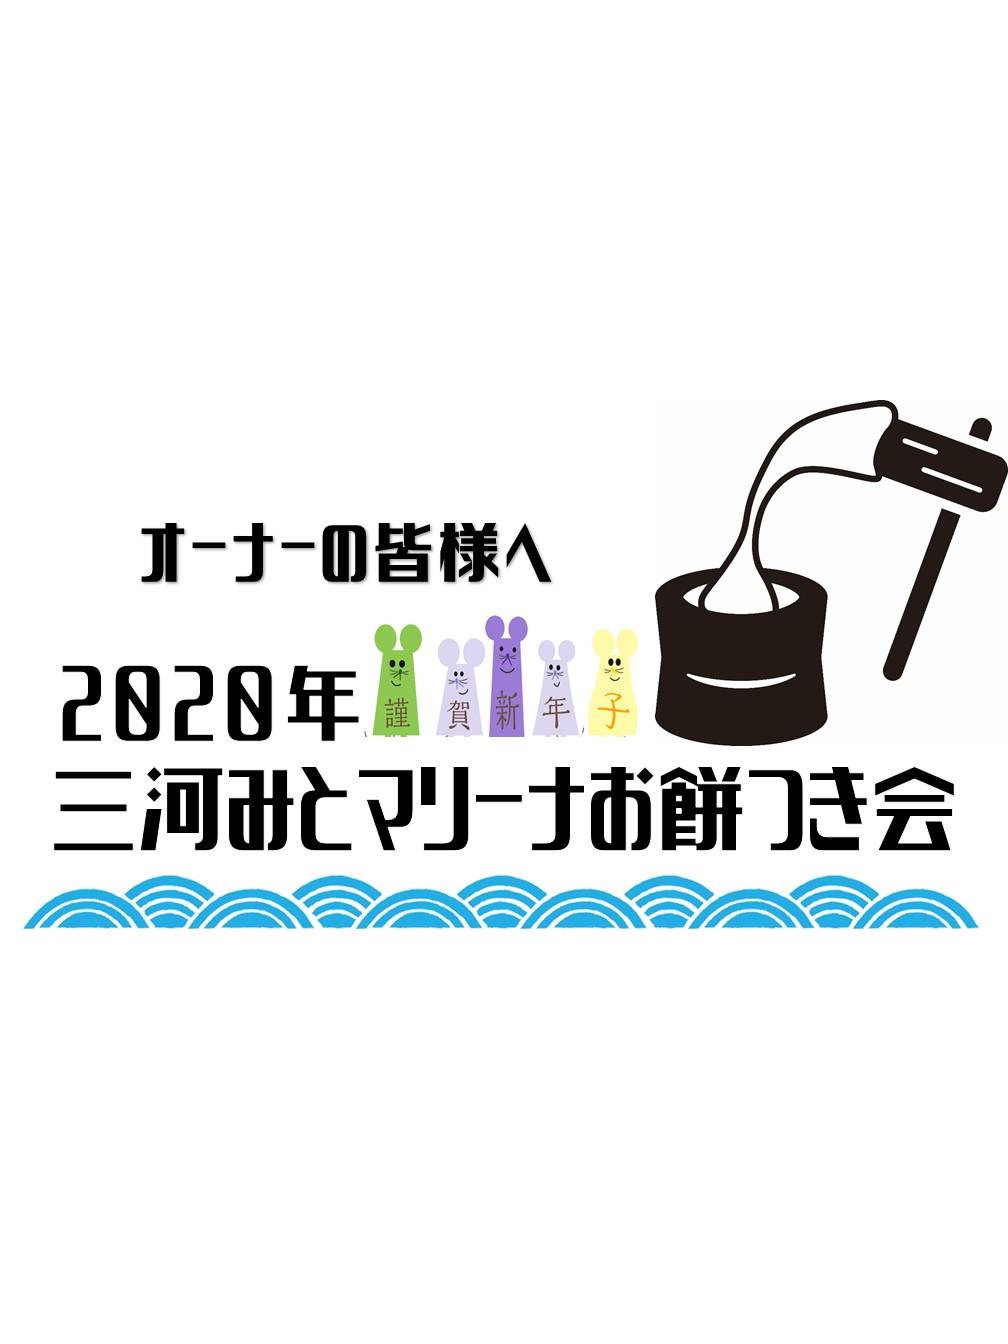 ◆2020年お餅つき会のお知らせ◆